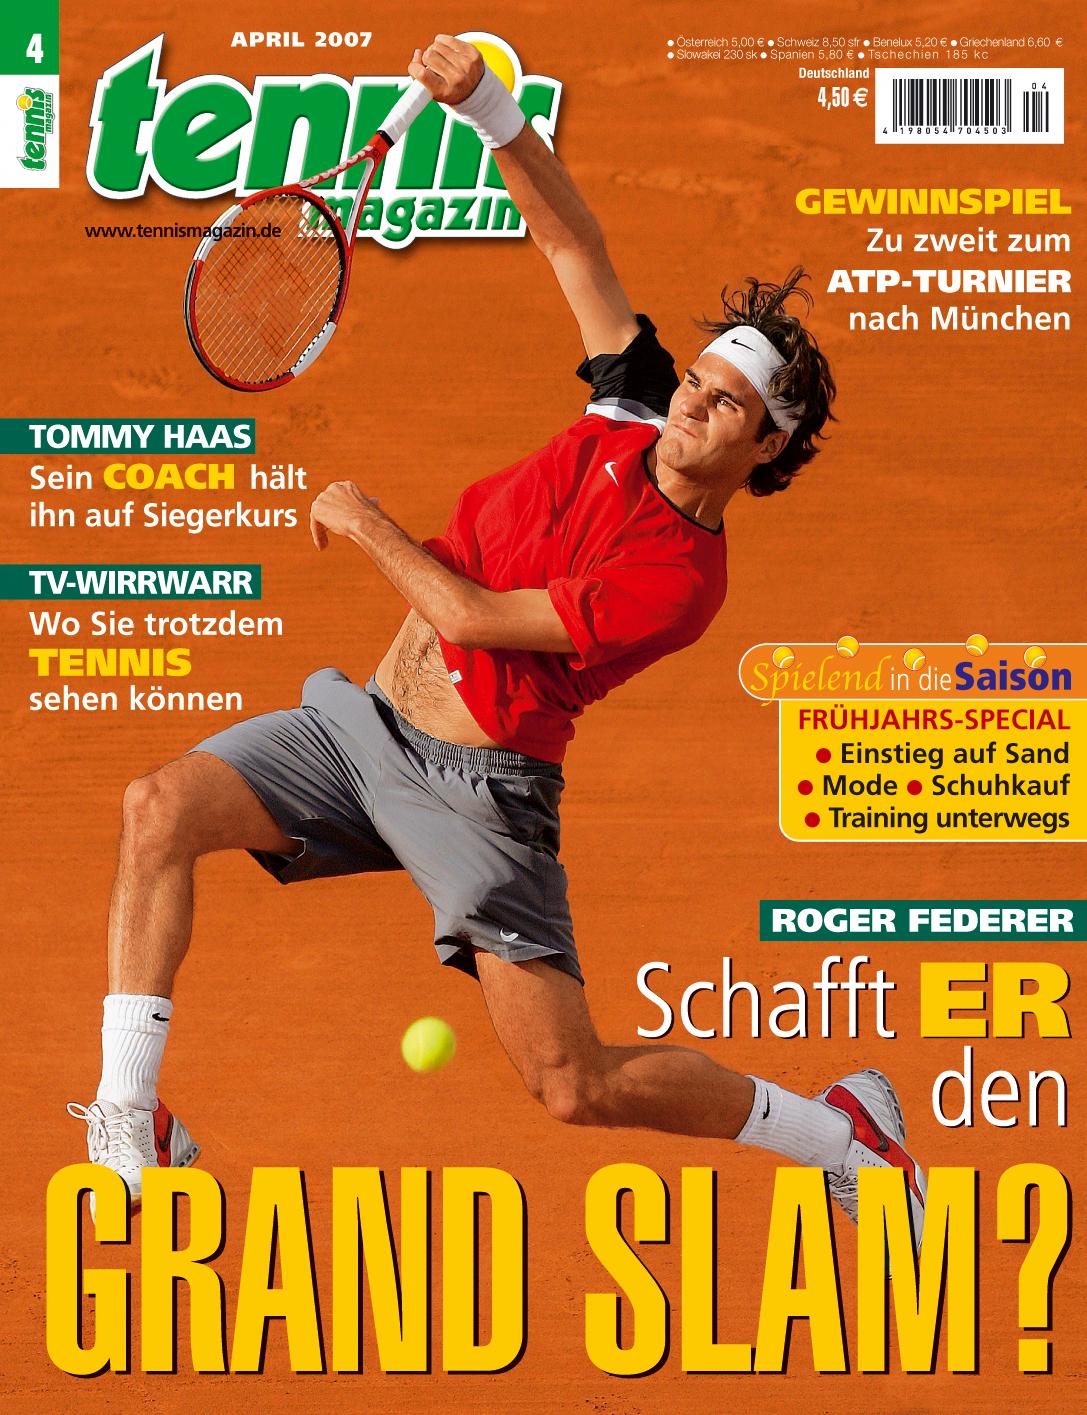 Federer Weltrangliste